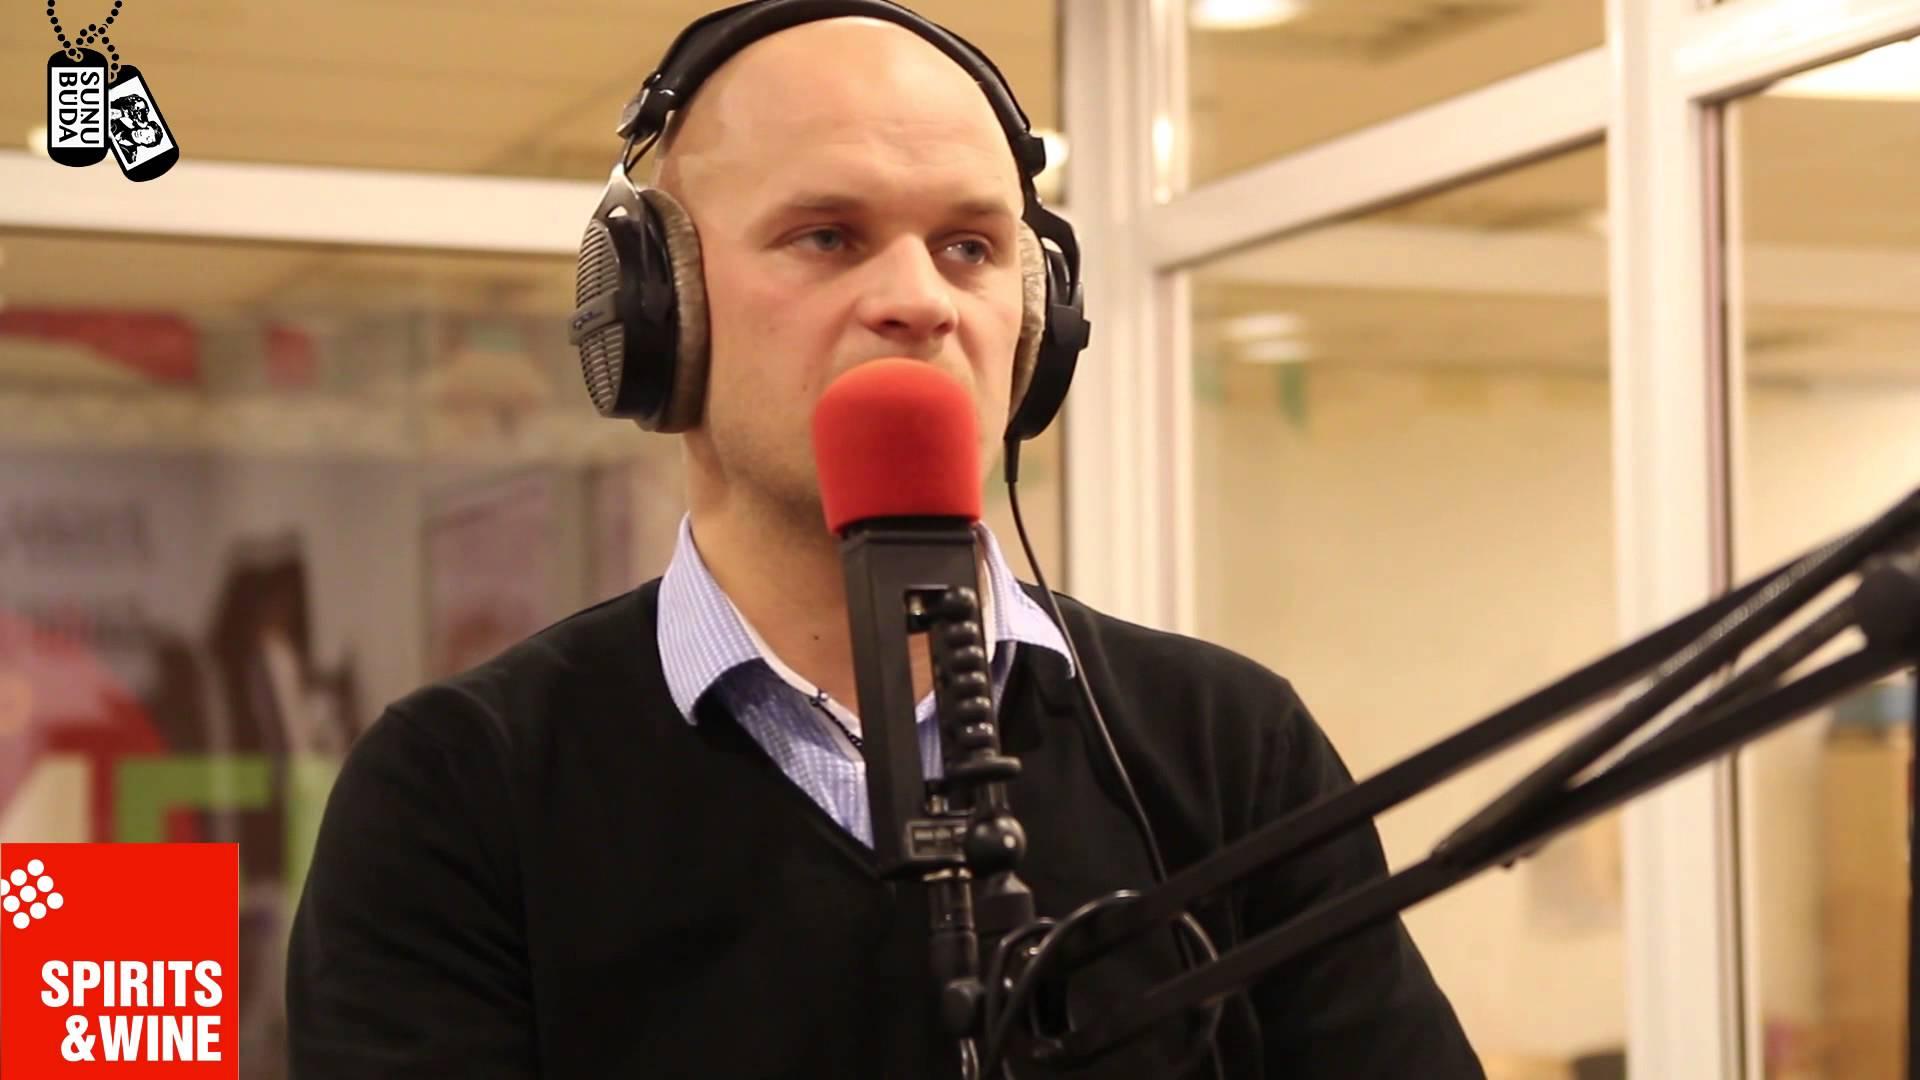 VIDEO – Suņubūda. Artuss Kaimiņš & Lauris Dzelzītis. Kāpēc Lauris uz Suņubūdu ierodās ar beisbola nūju!?